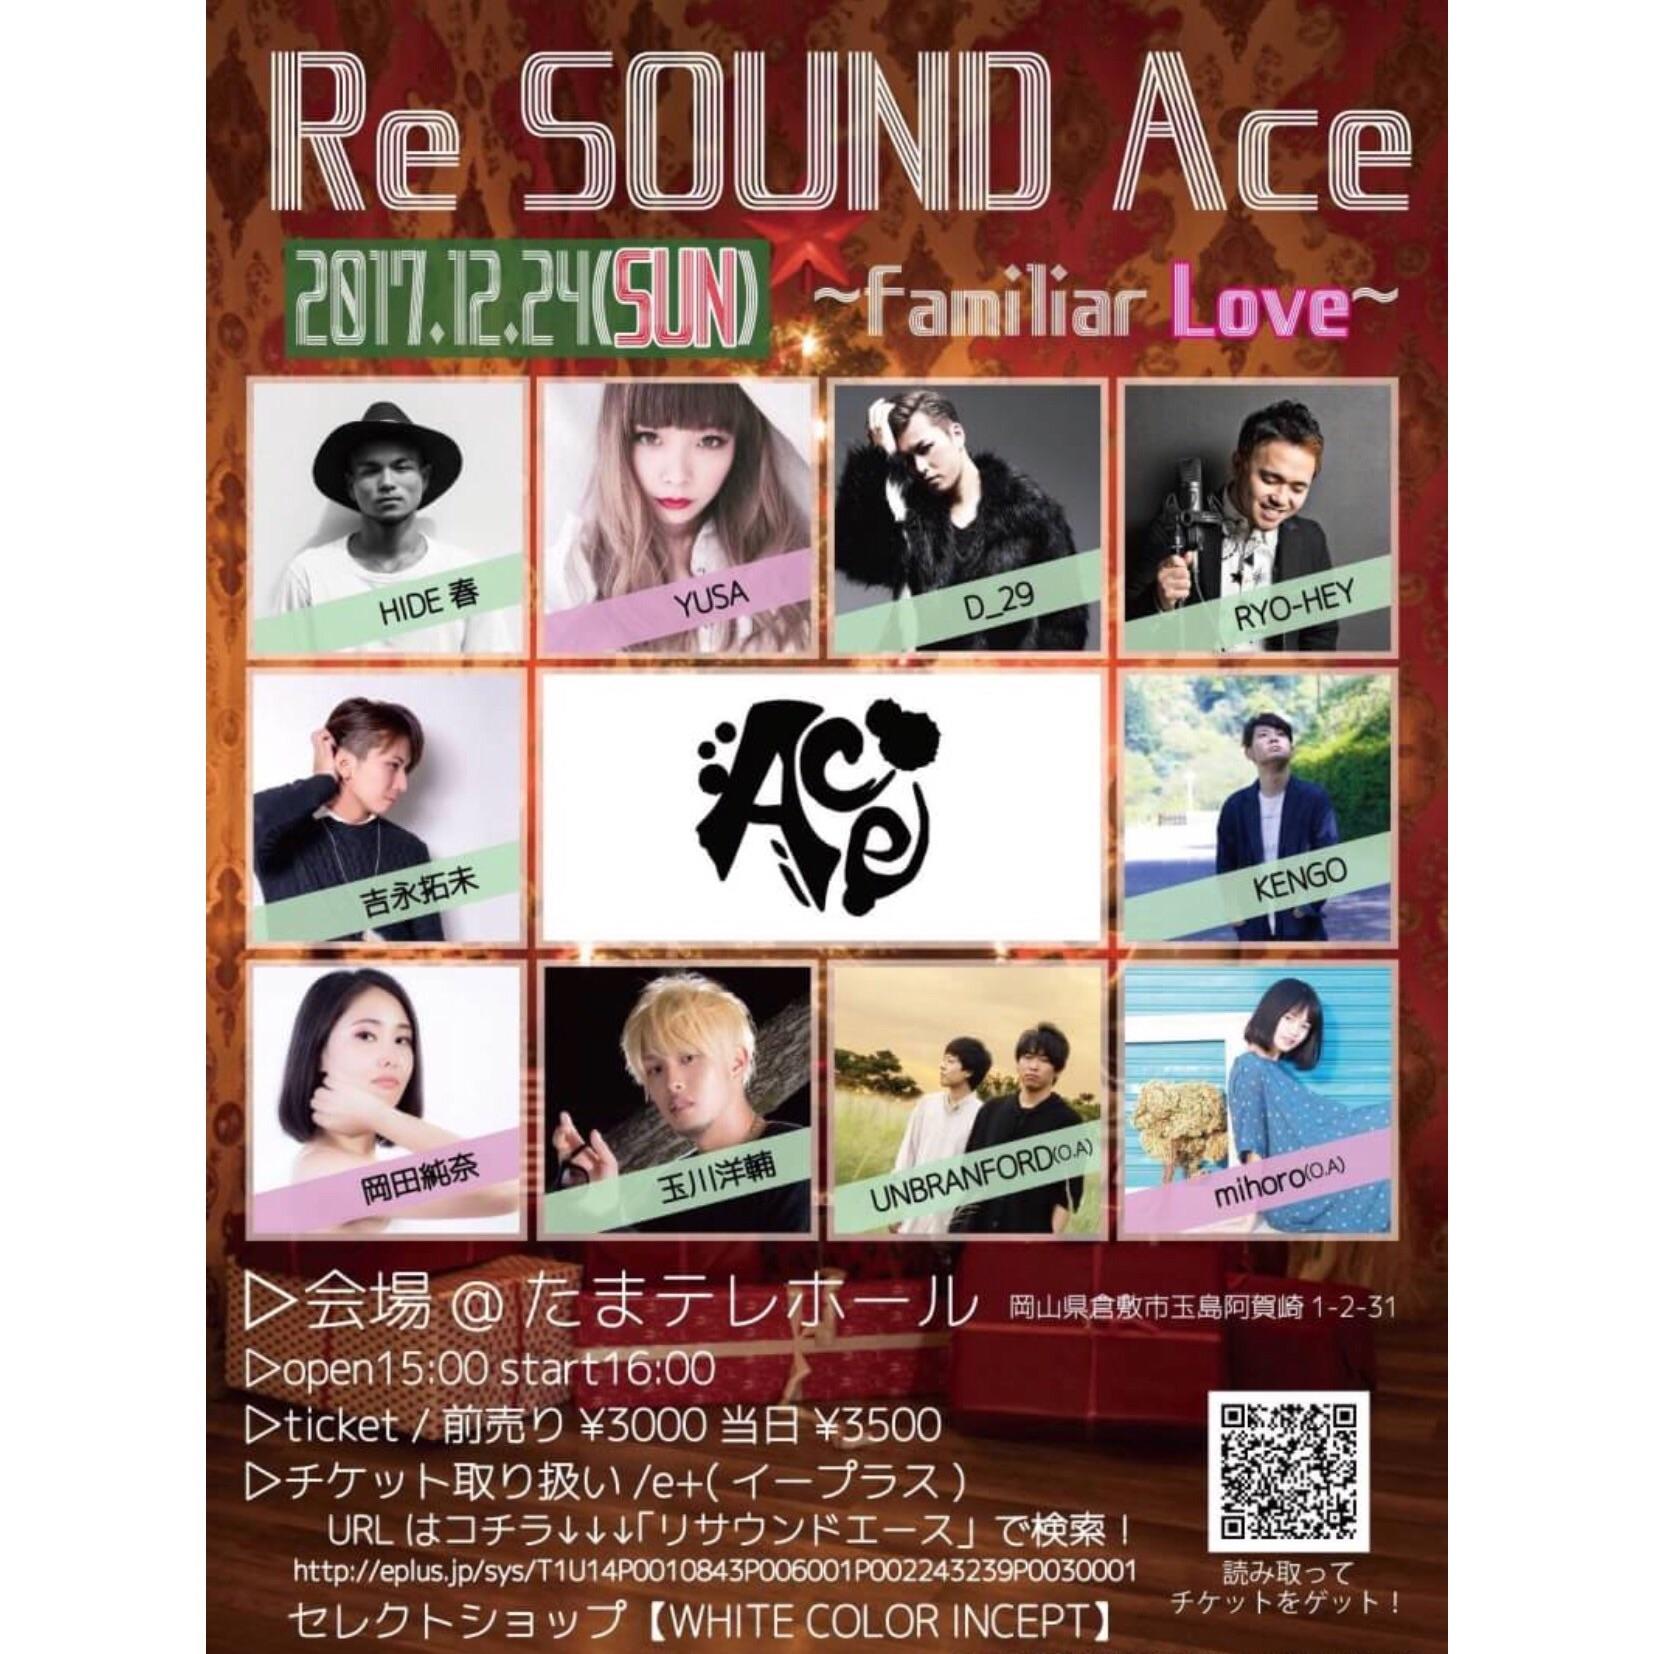 f:id:Yosuke0912:20171106204438j:image